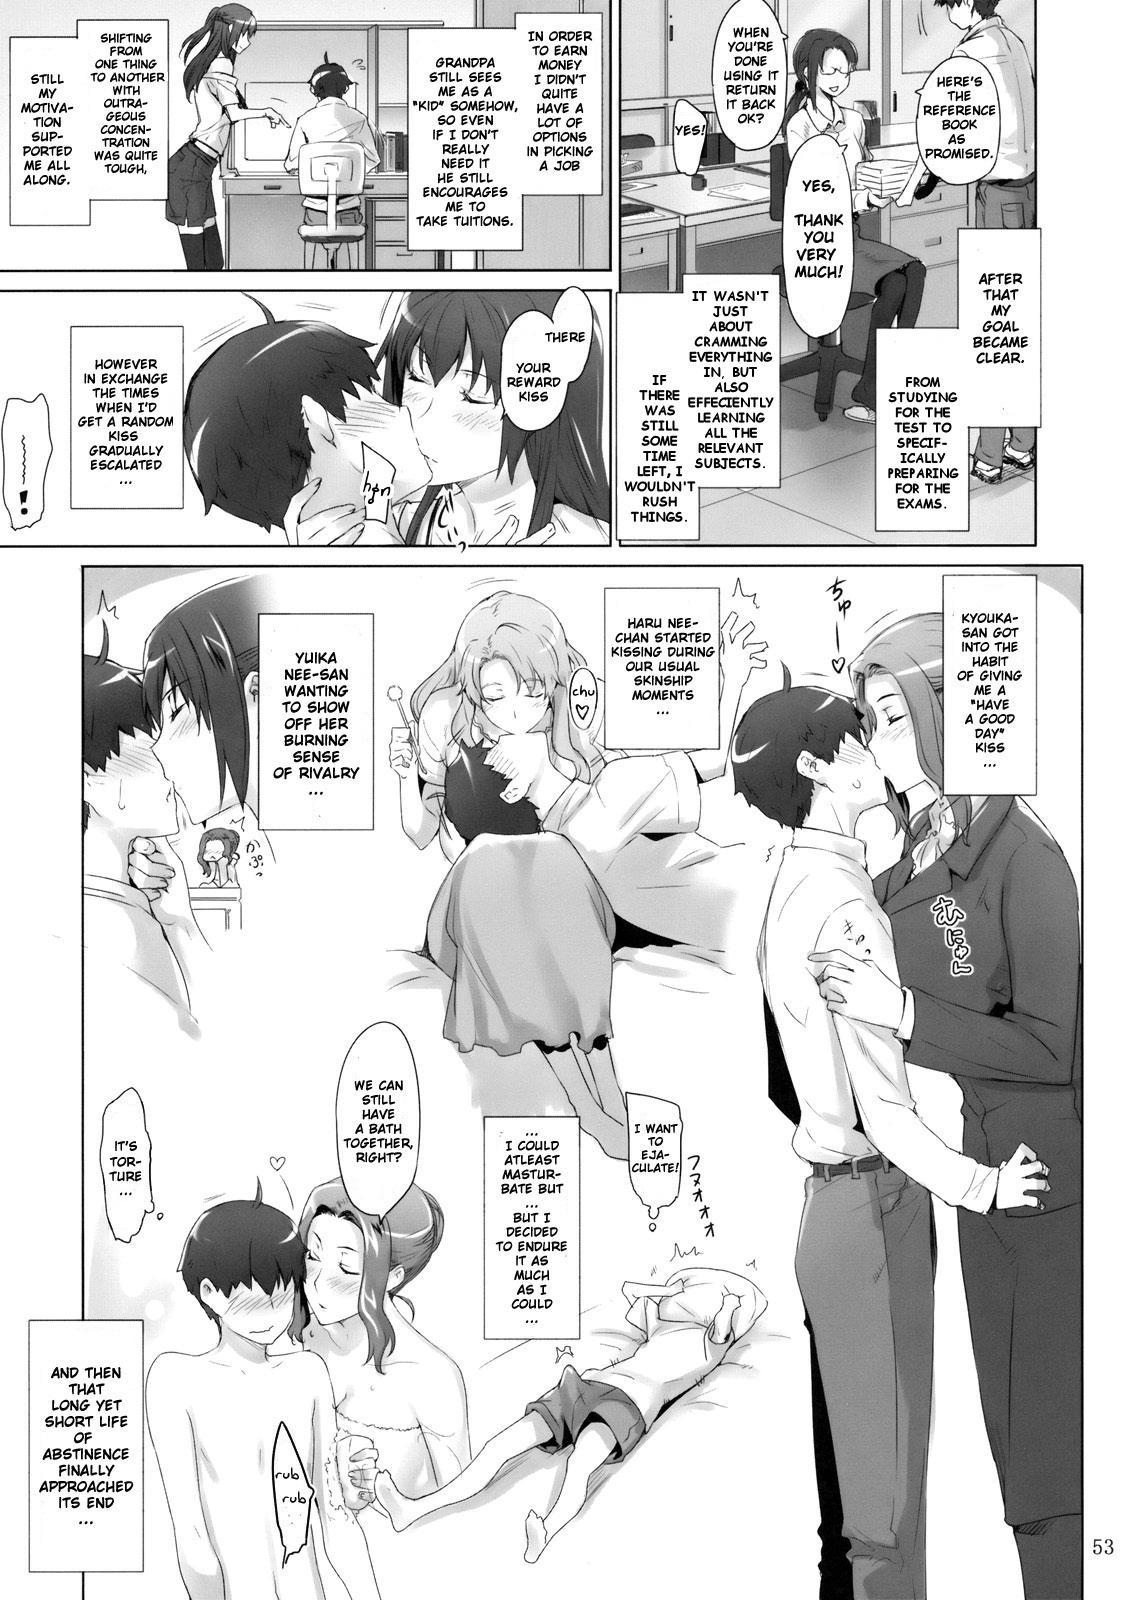 Mtsp - Tachibana-san's Circumstabces WIth a Man 2 1